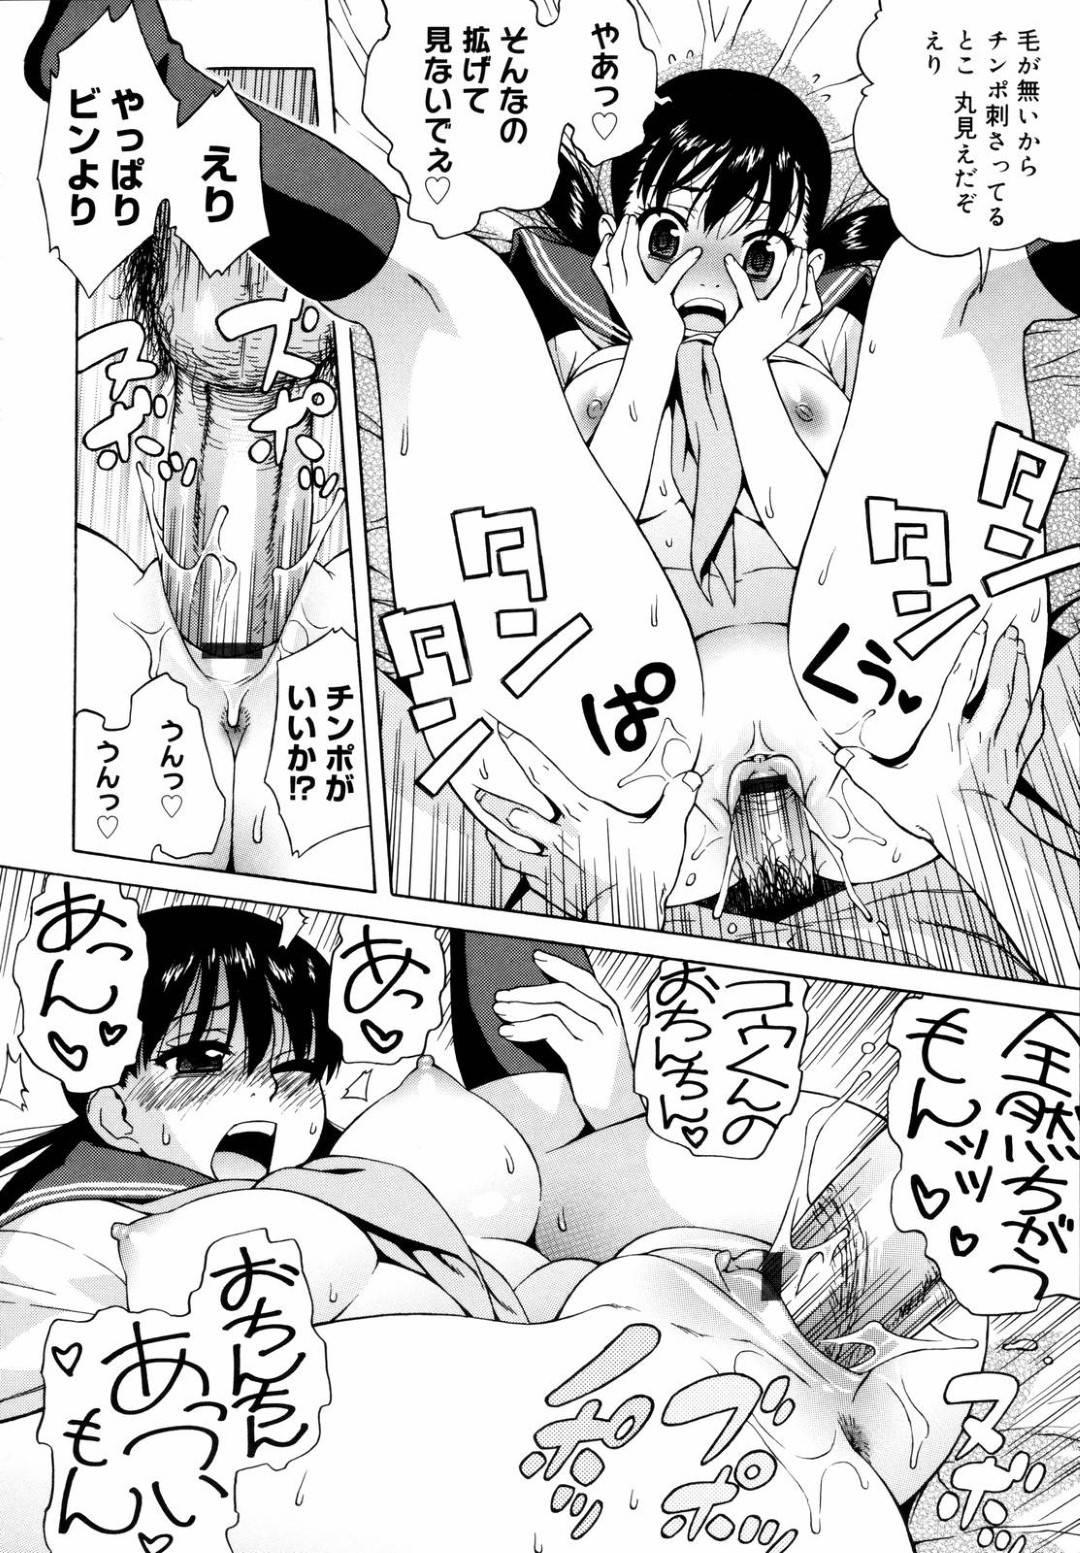 【エロ漫画】彼氏に流されて半強引にエッチする事となった清楚系JK…されるがままになった彼女は乳首責めや手マンなどをされた挙げ句、正常位で中出しセックスさせられる!【甚六:あしたからなつやすみ】